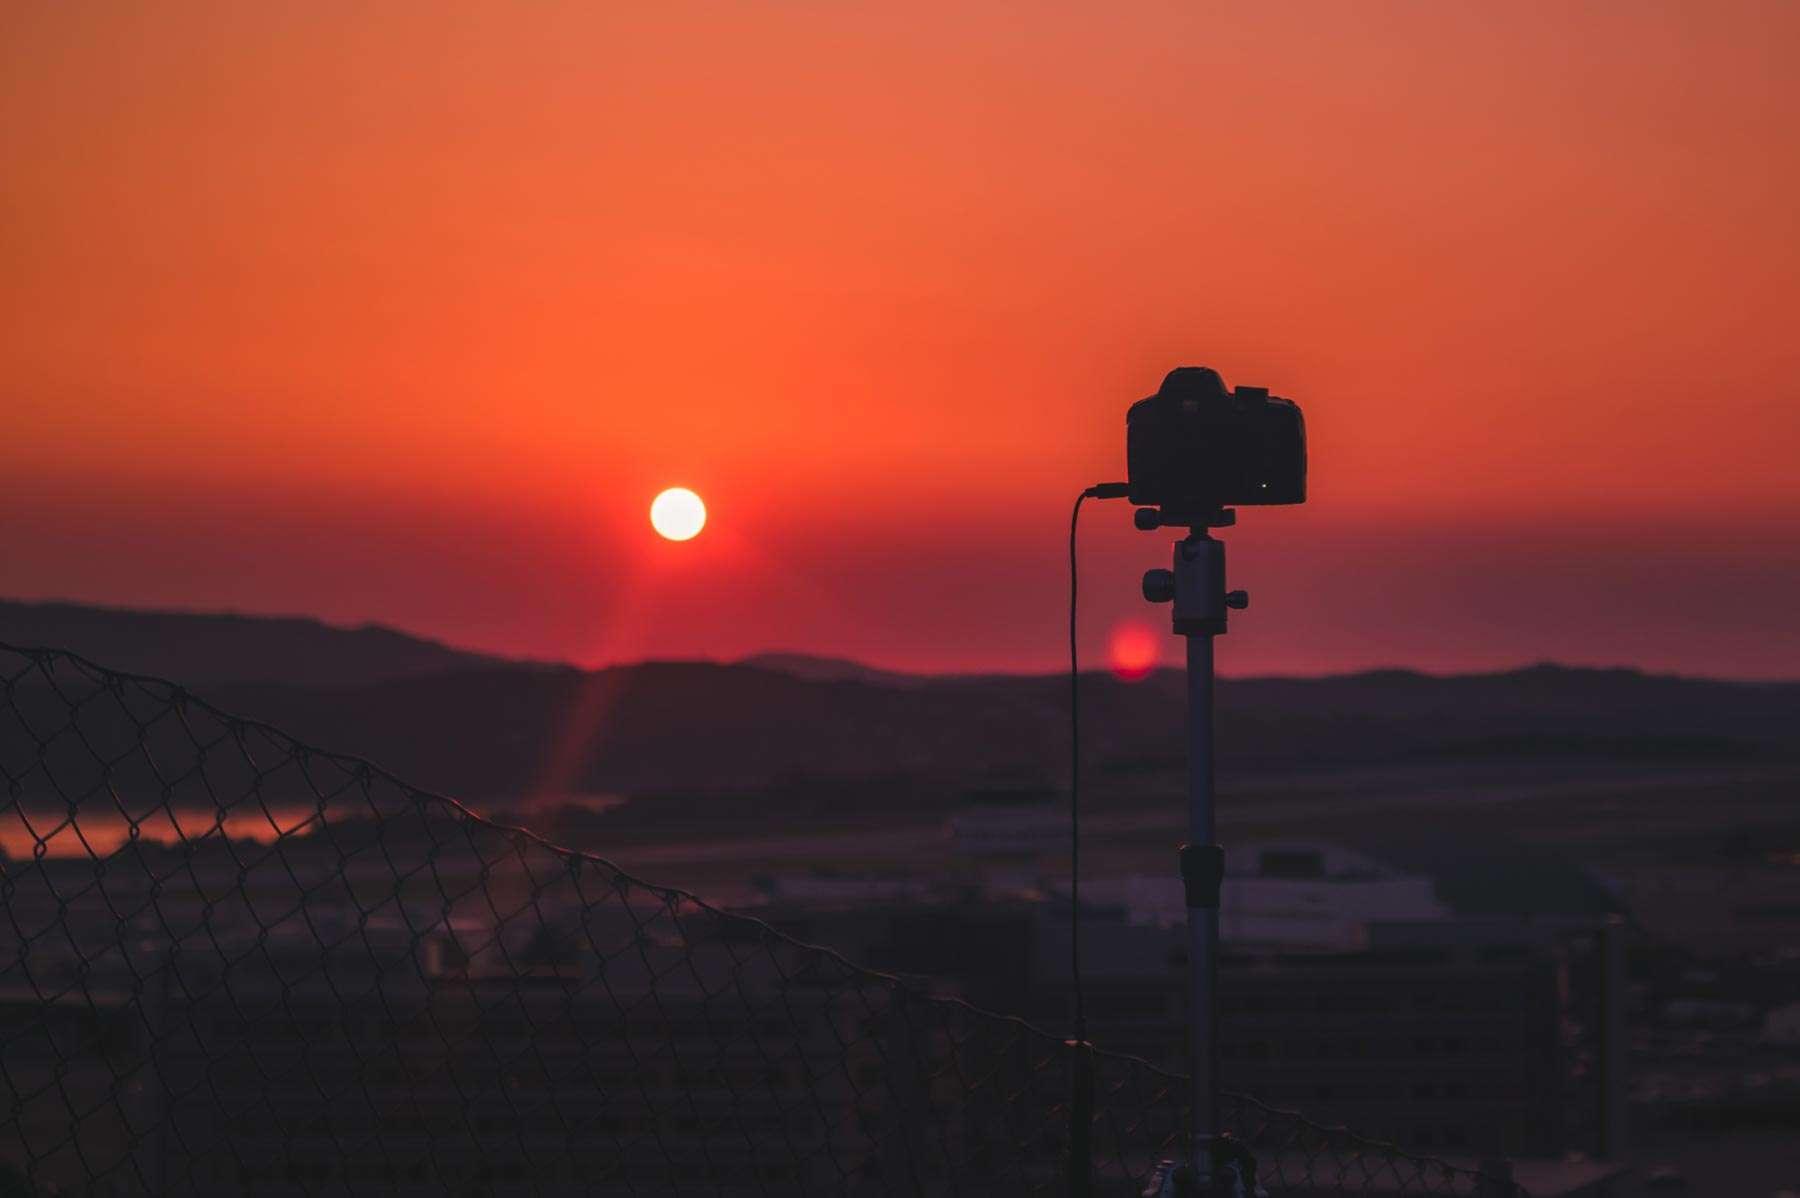 Sonnenuntergang mit einer Kamera